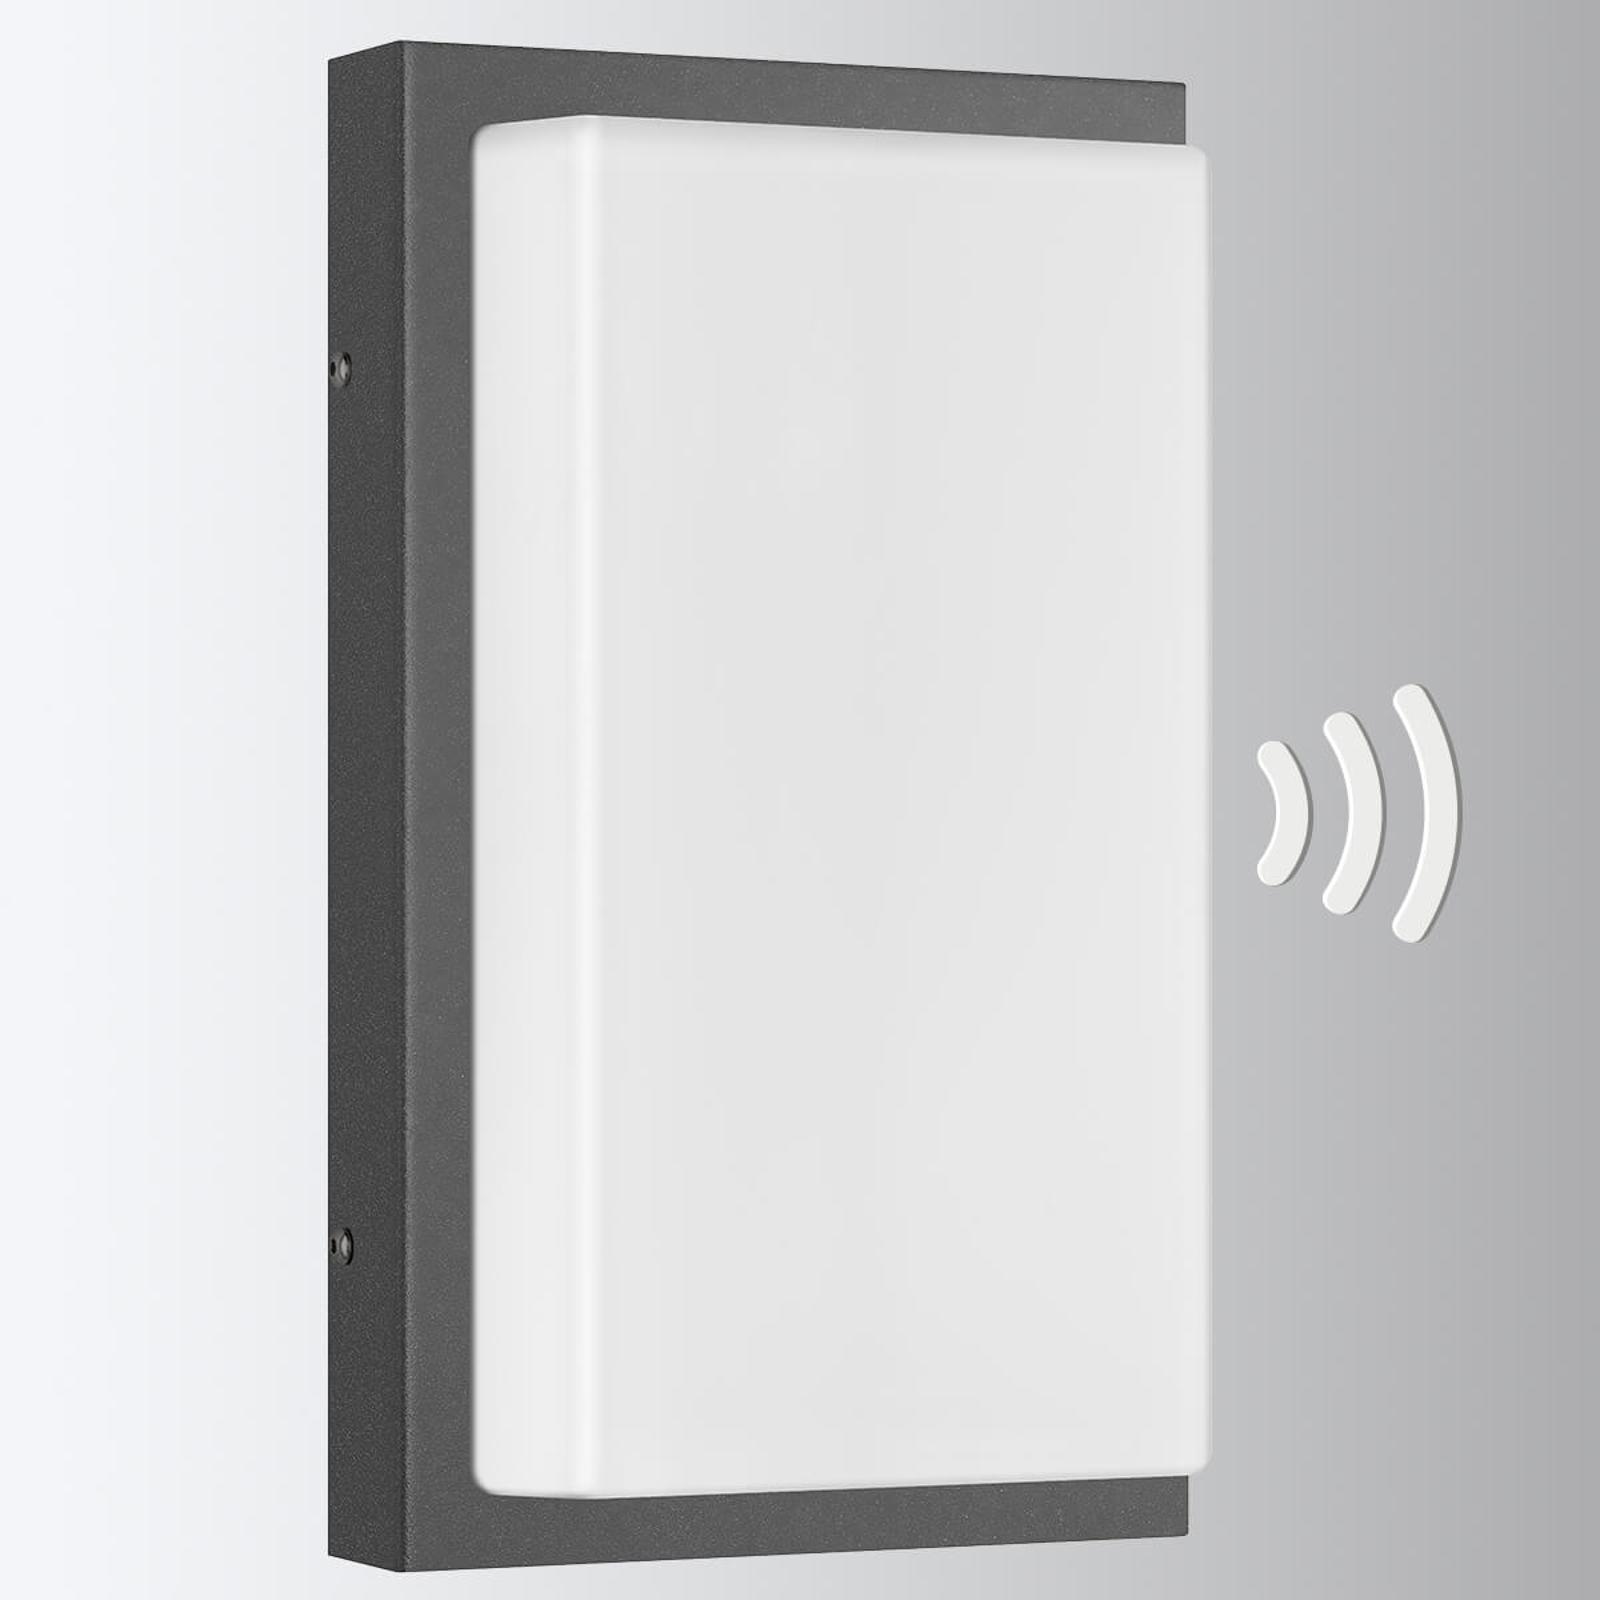 Außenwandlampe Babett E27 mit Sensor graphit